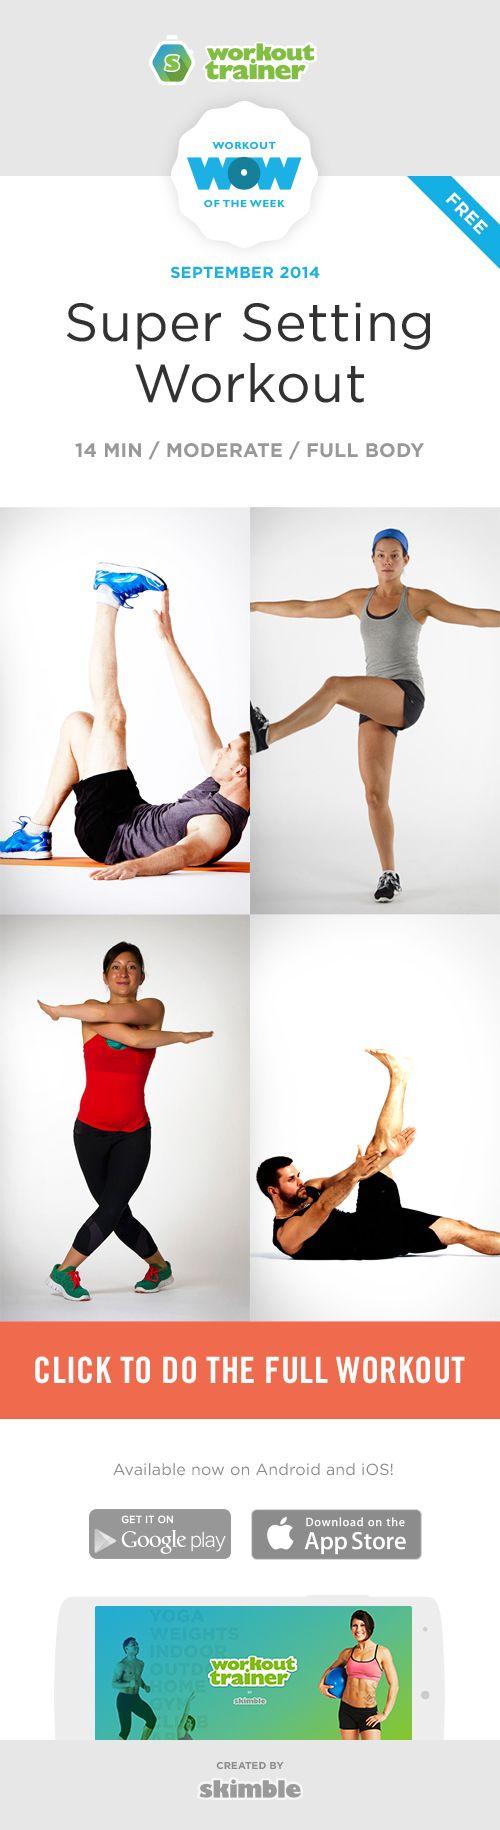 Super Setting Workout by Skimble